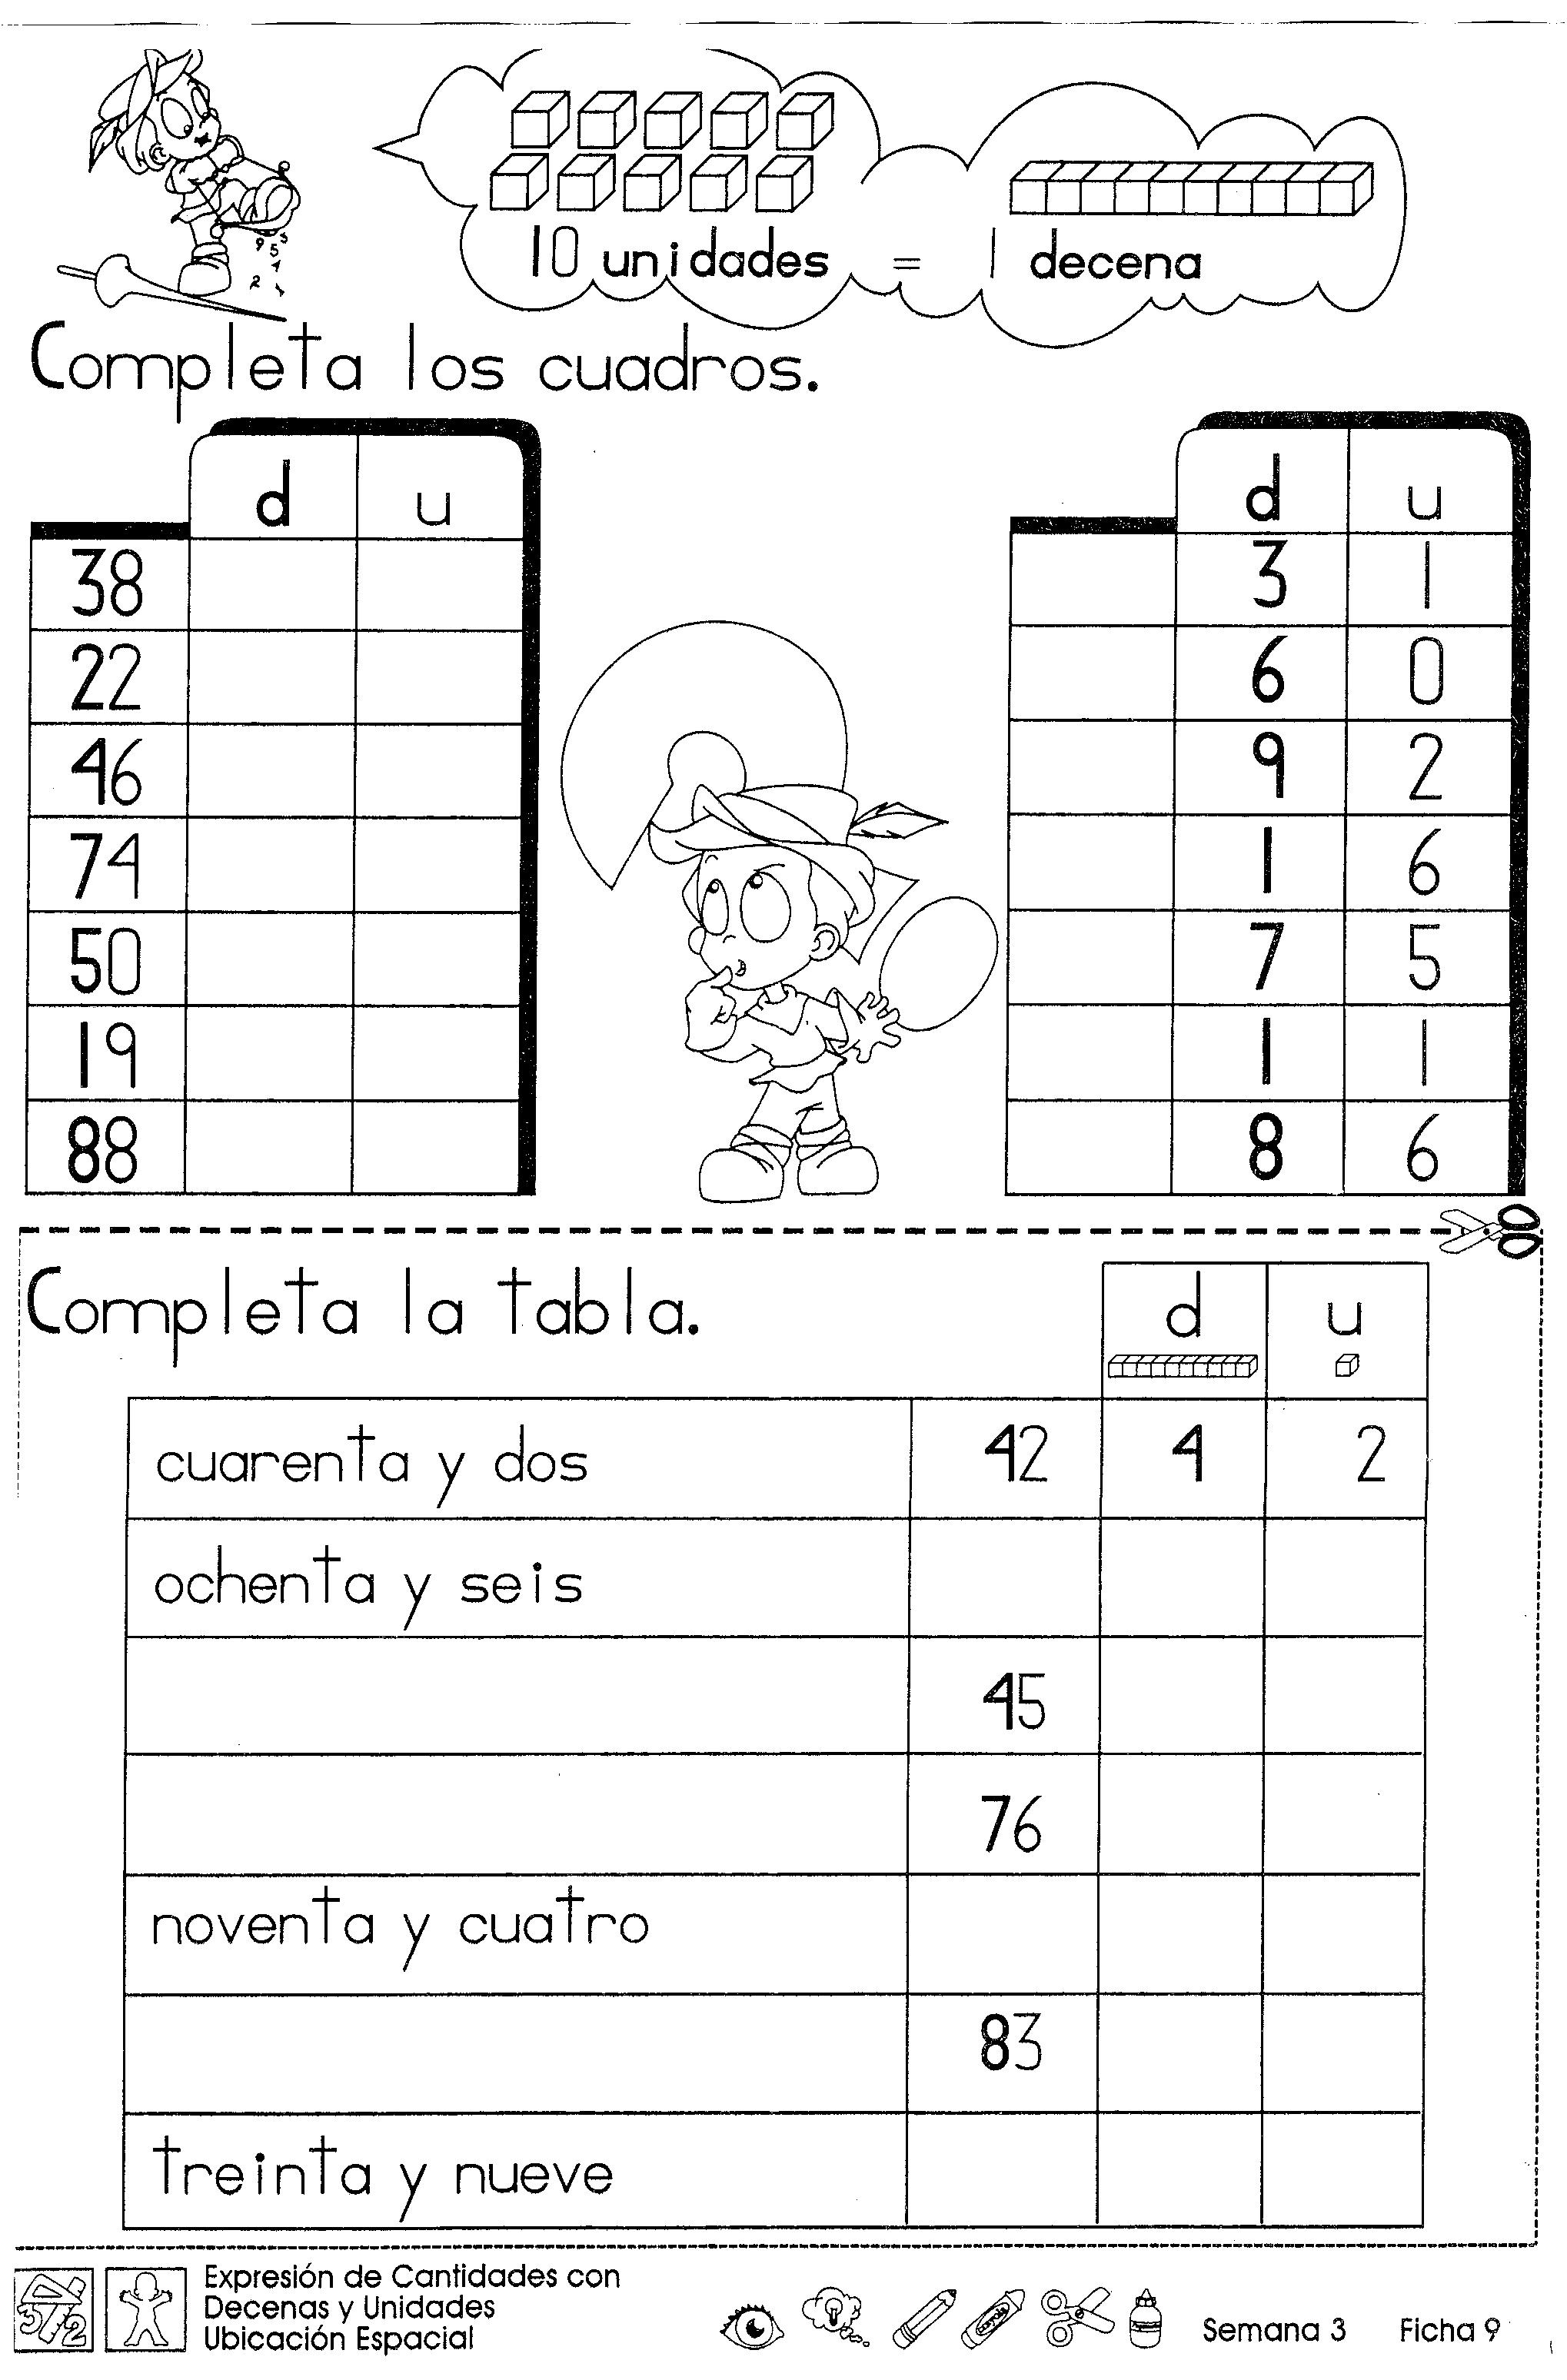 Expresión De Cantidades Con Decenas Y Unidades Ubicación Espacial 2do Grado Decenas Y Unidades Matematicas Primero De Primaria Matematicas Tercero De Primaria